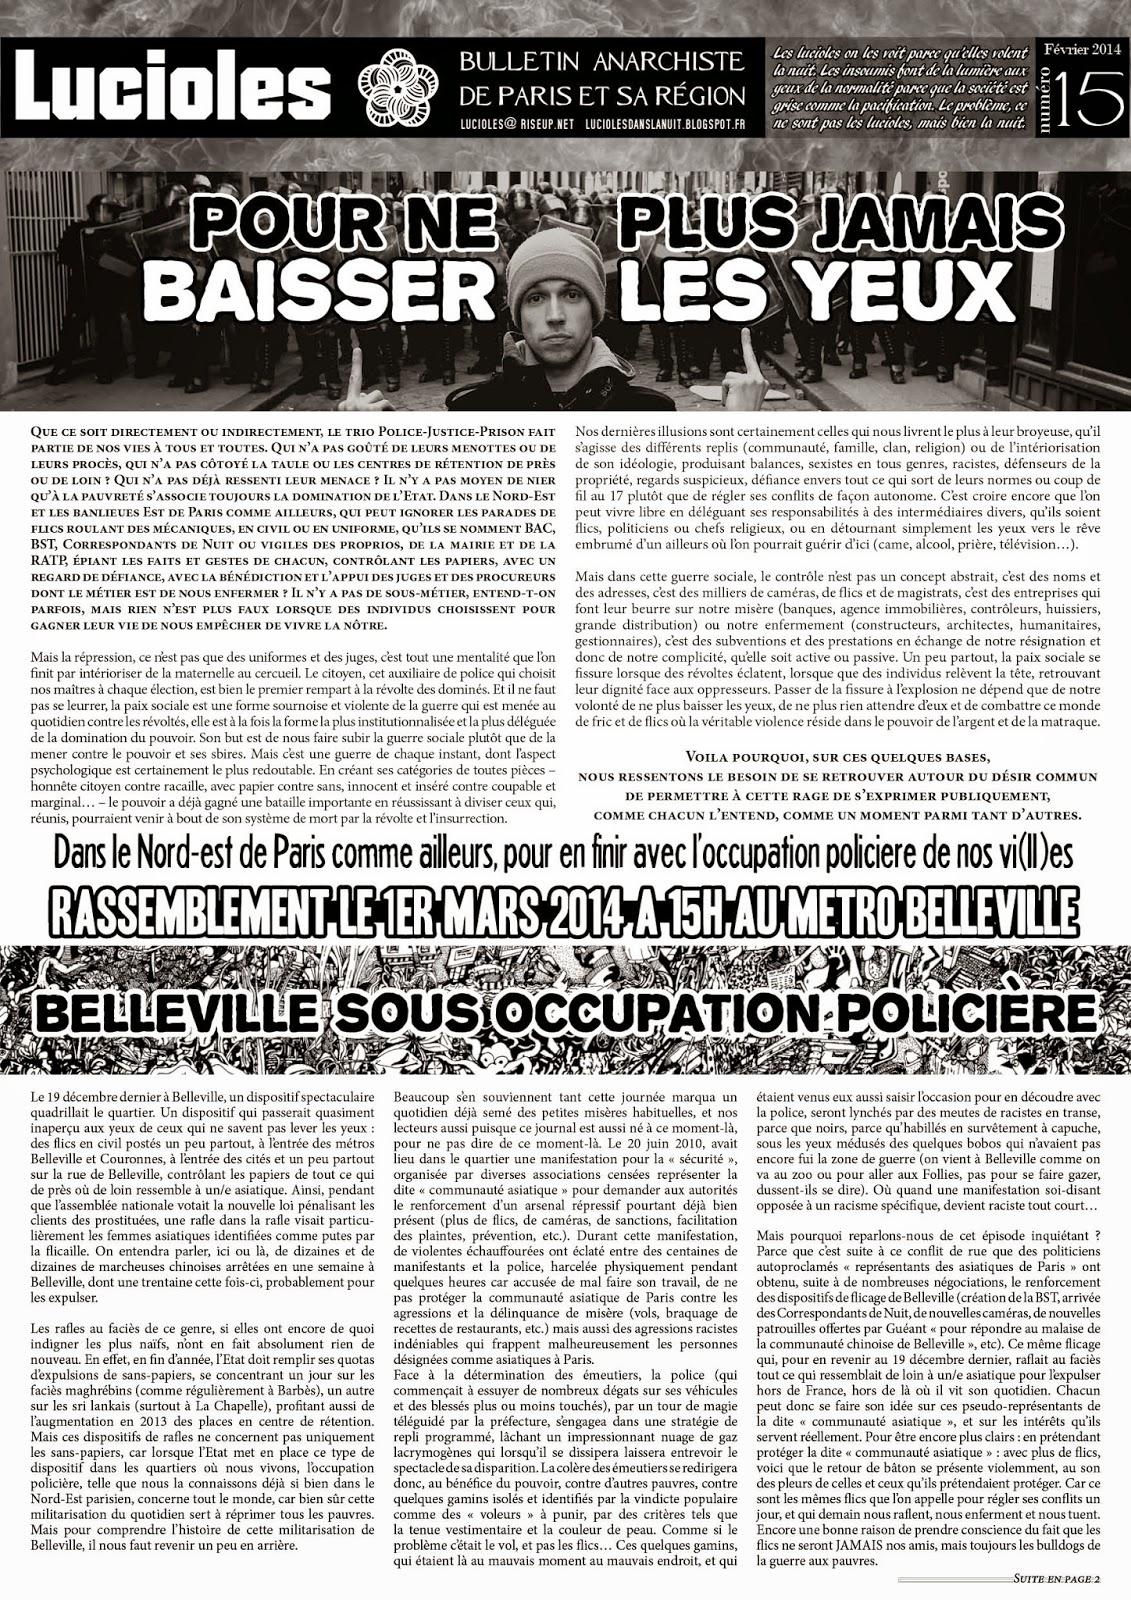 http://www.non-fides.fr/IMG/pdf/15.pdf